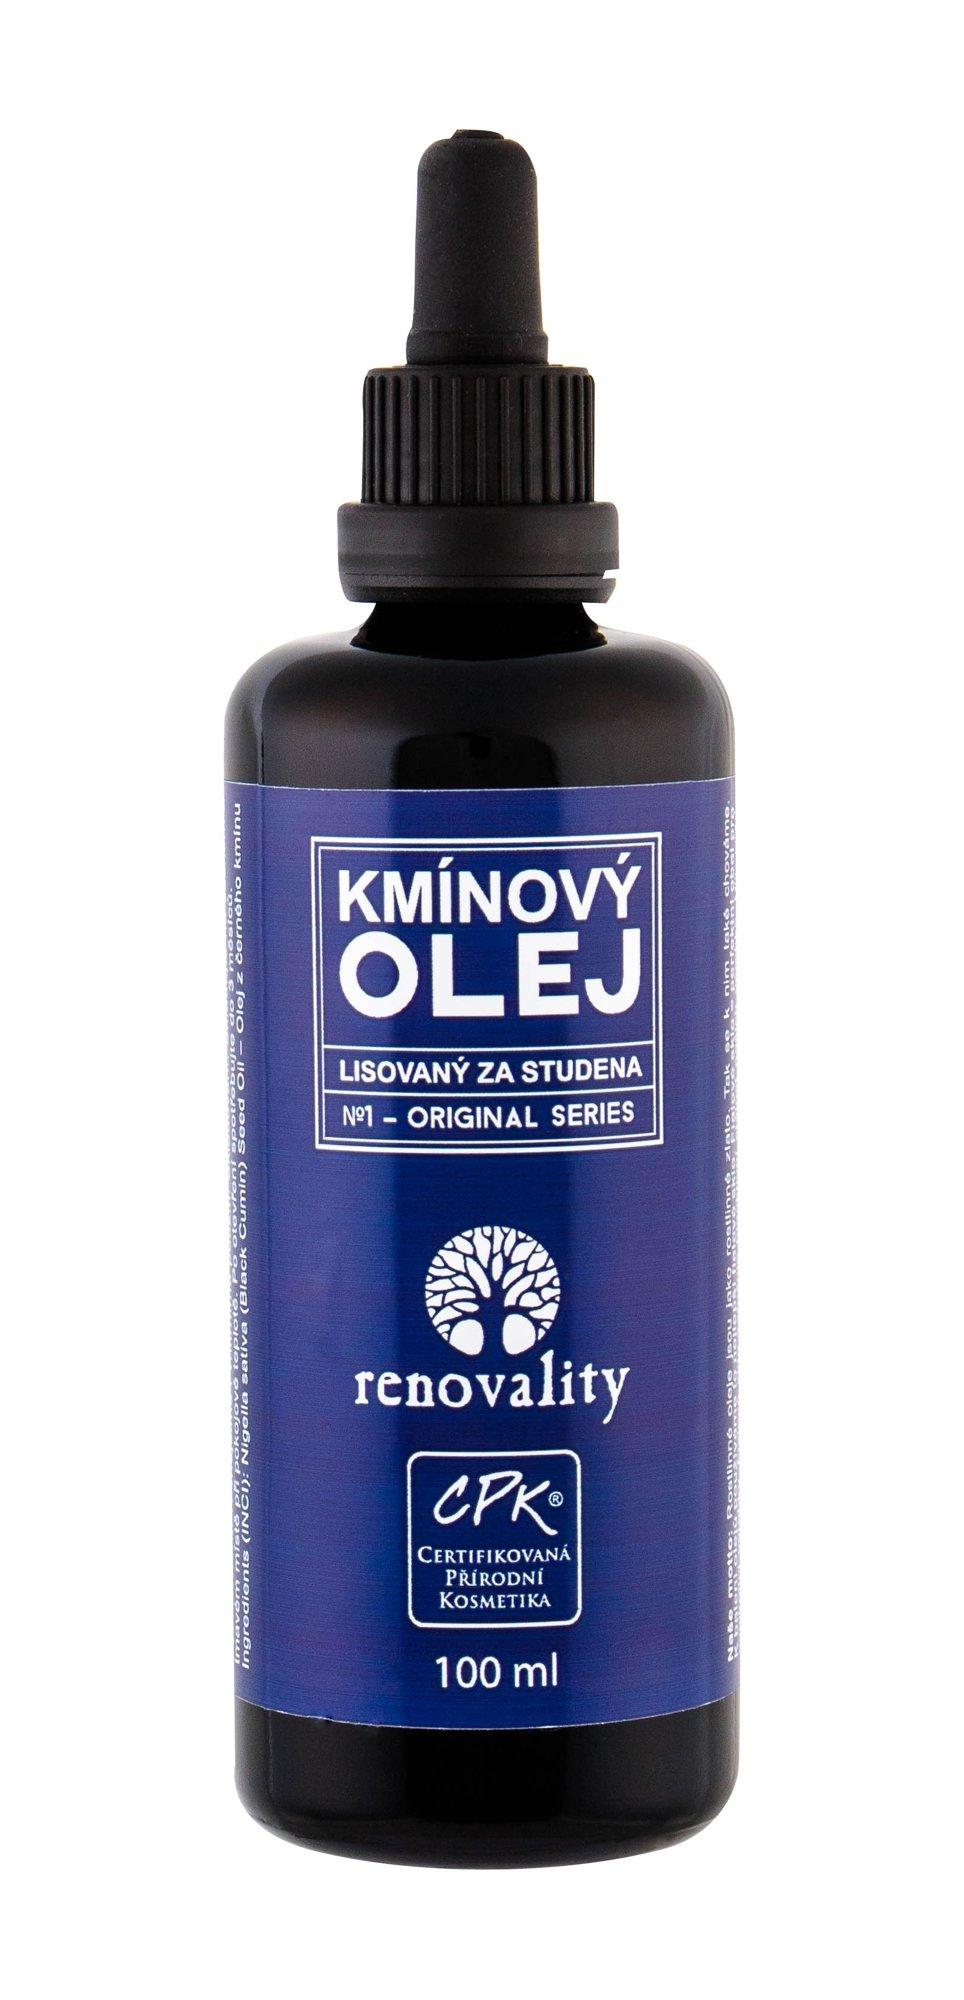 Renovality Original Series Body Oil 100ml  Caraway Oil